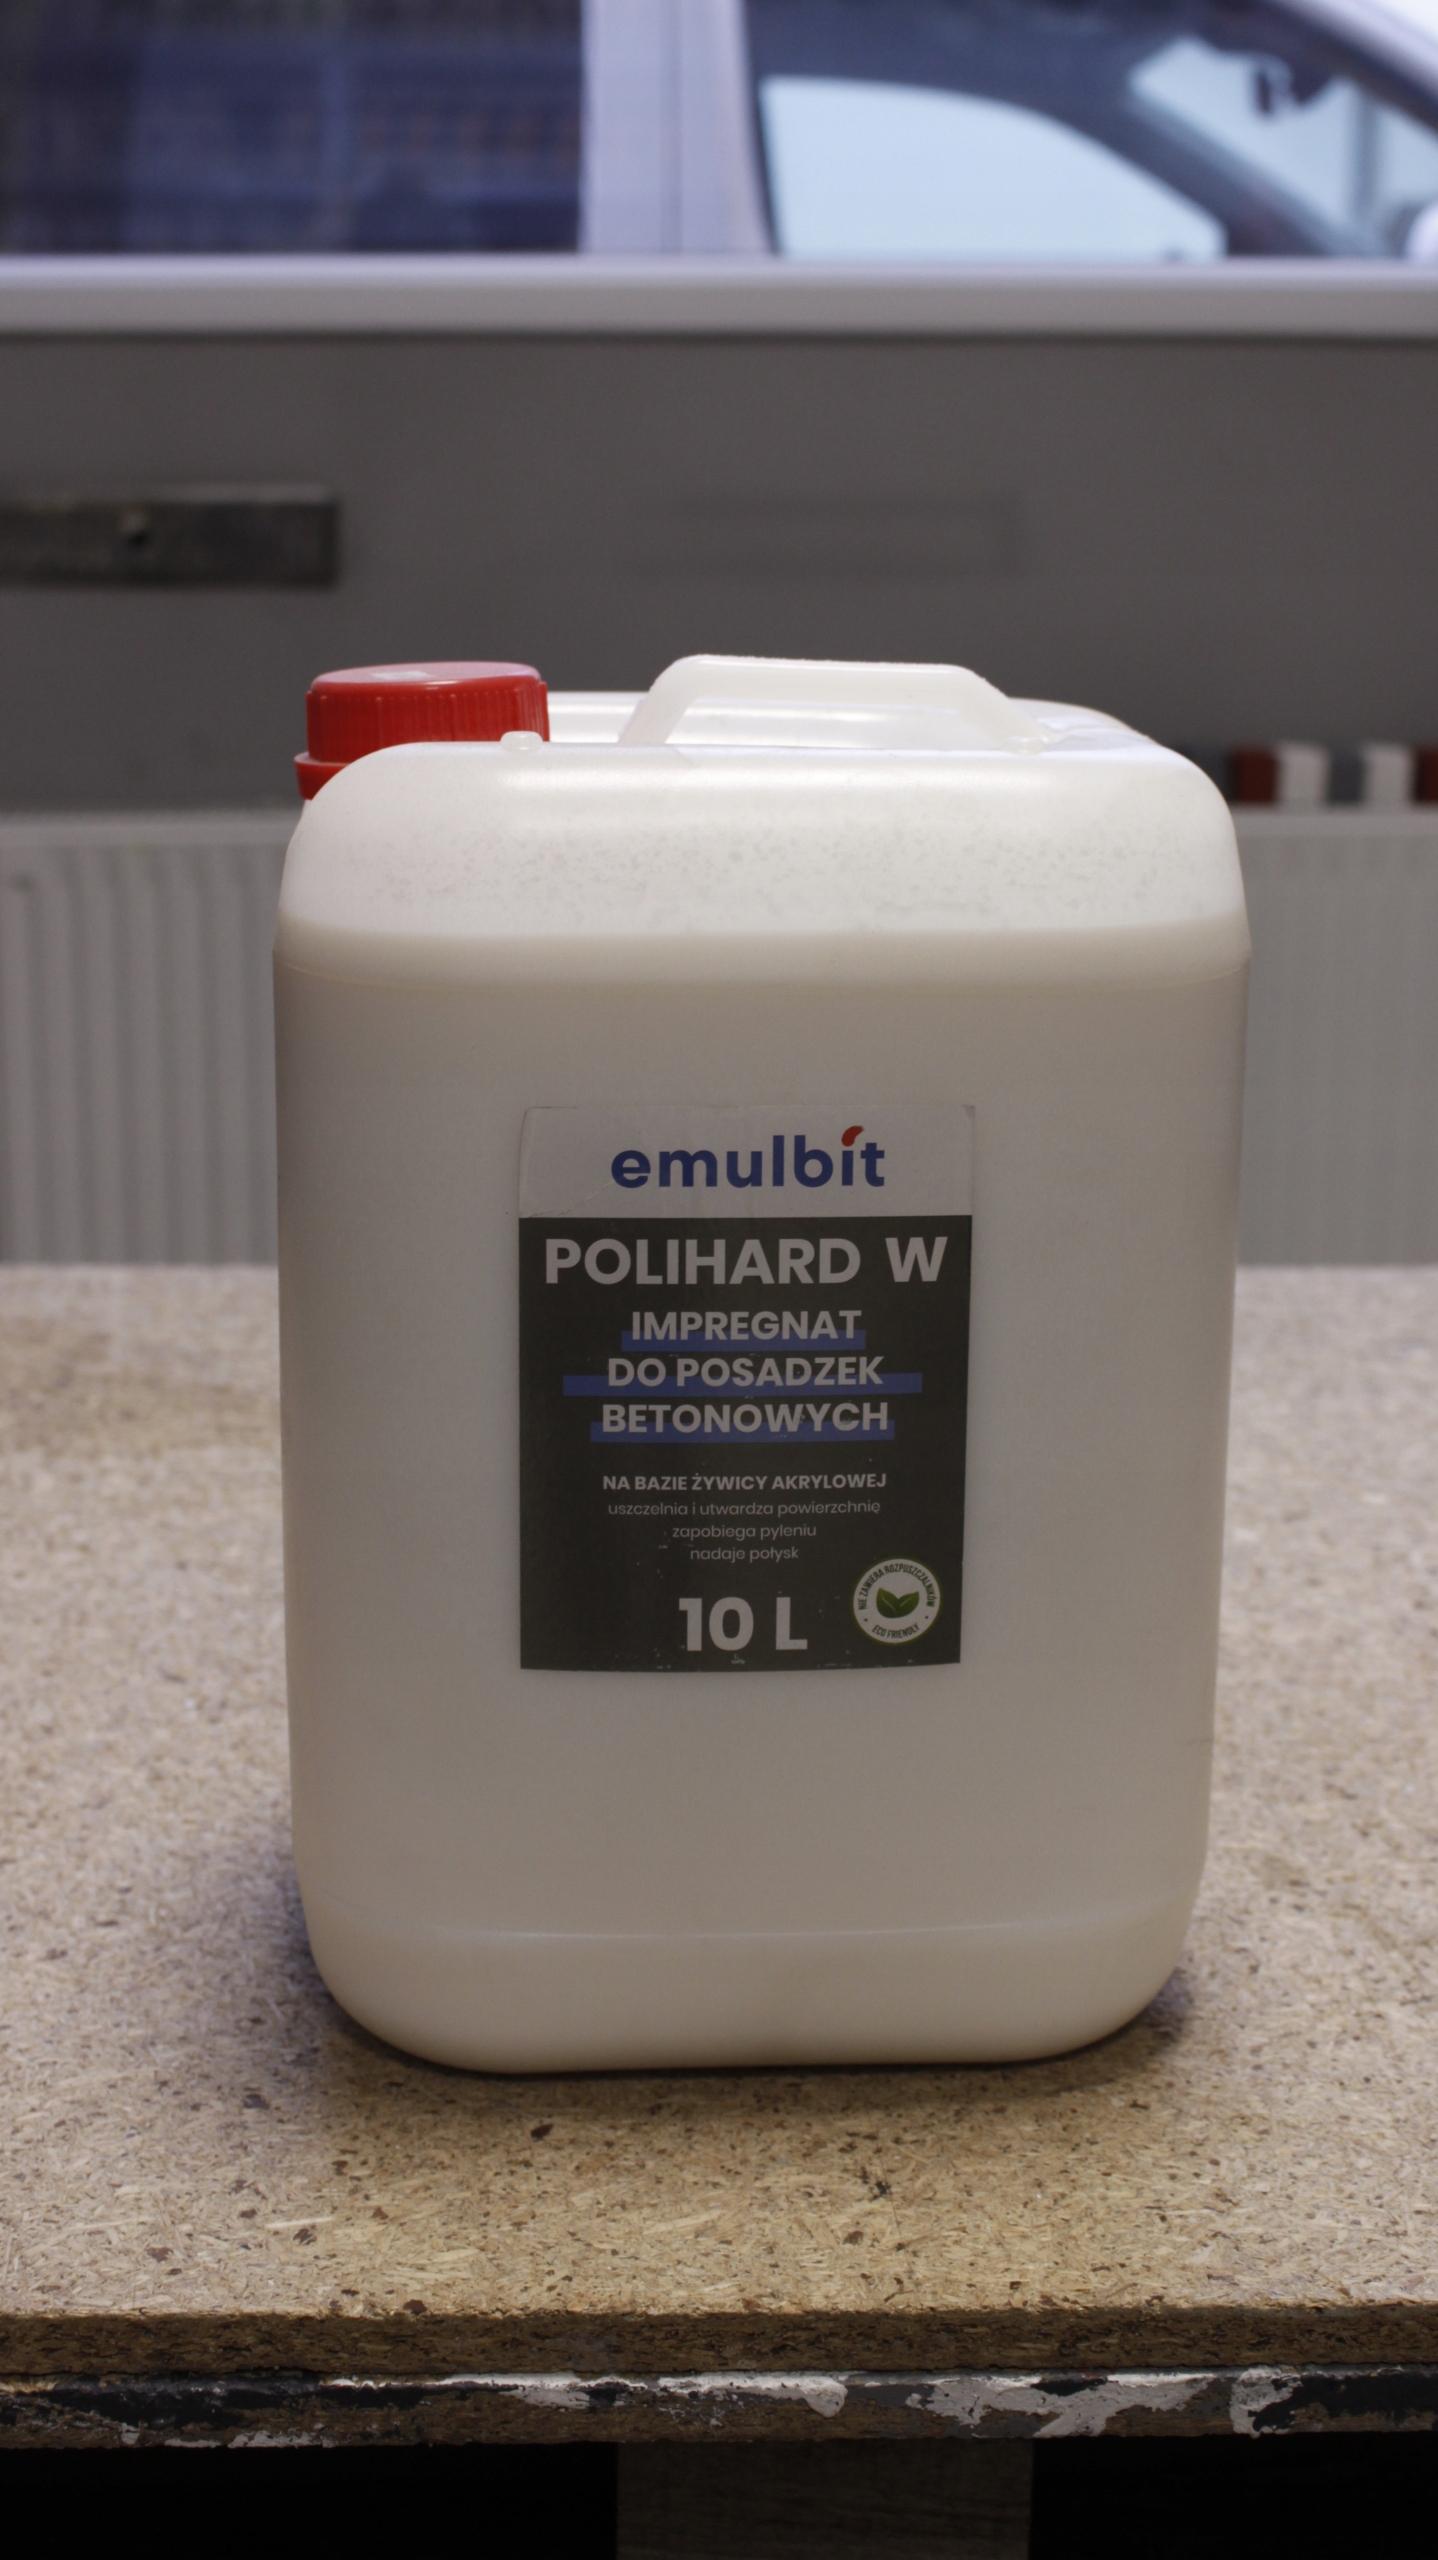 IMPREGNAT DO POSADZEK BETONOWYCH - POLIHARD W 10 l Kod produktu POLIHARD W